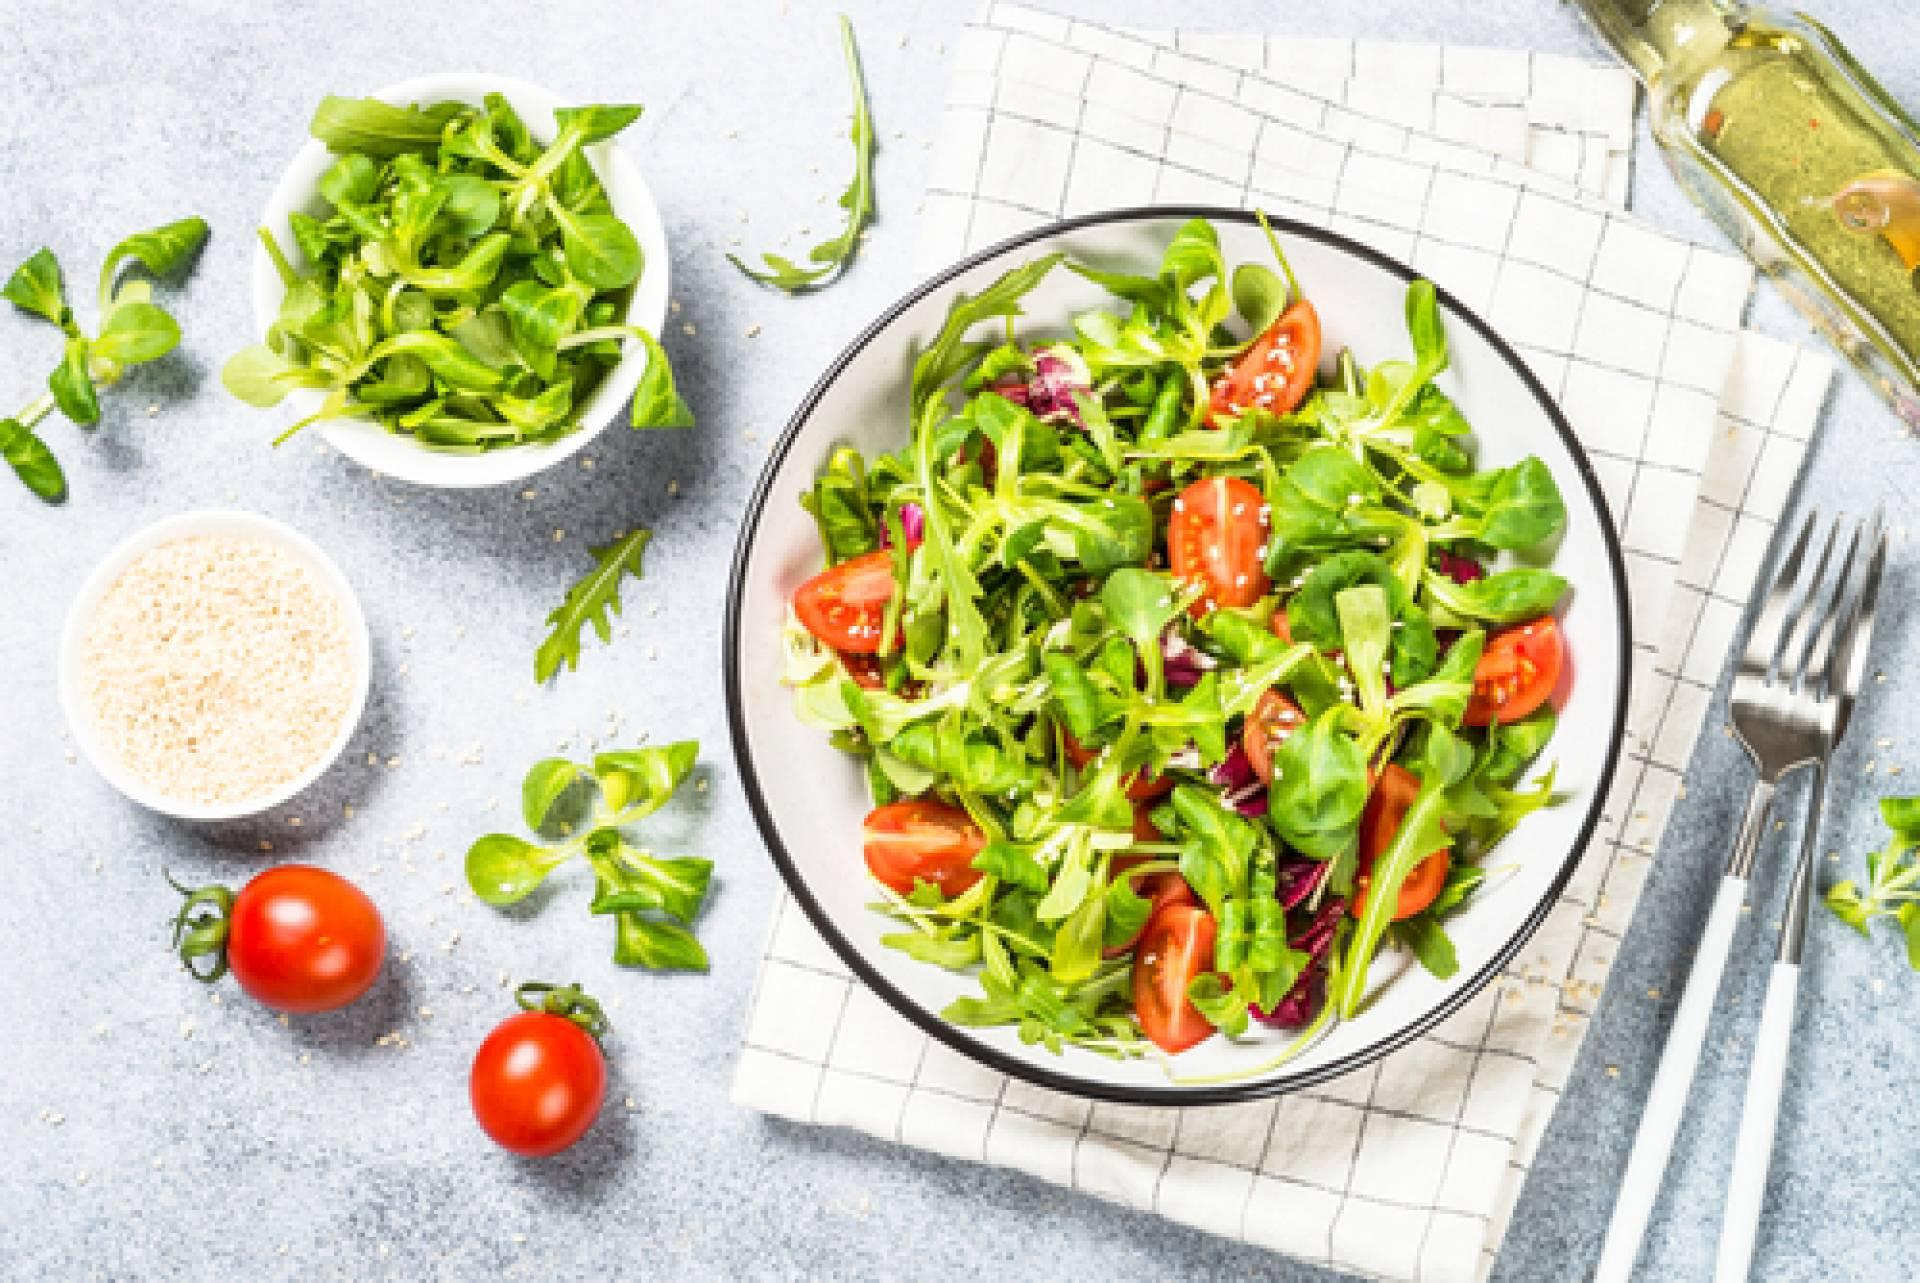 Summer Arugula Salad-Add on